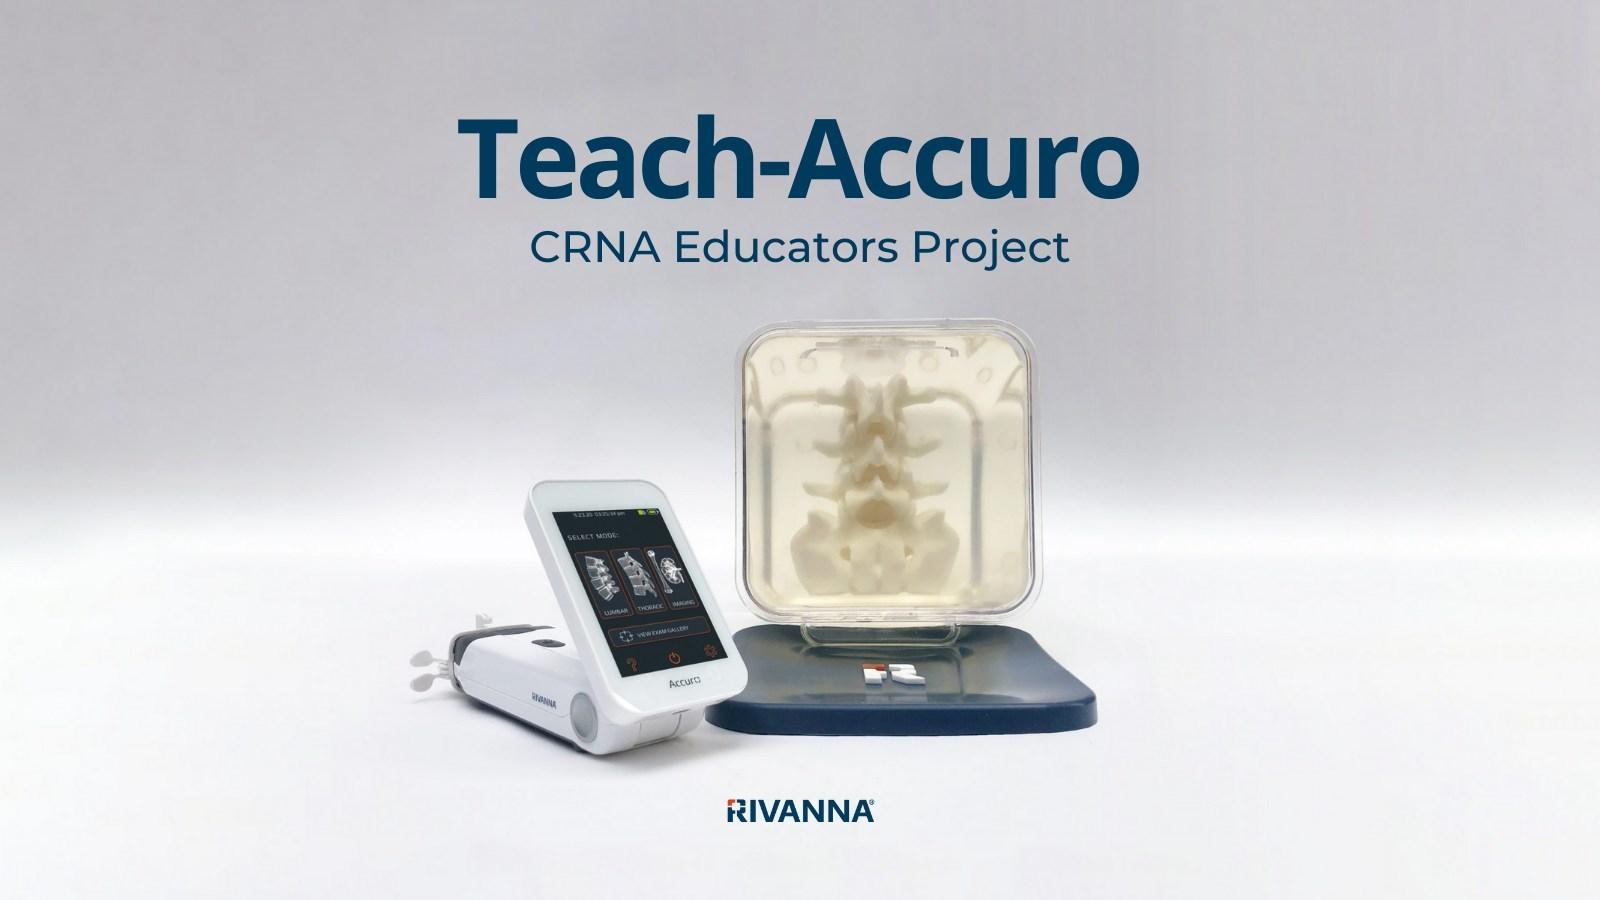 RIVANNA Launches Teach-Accuro, a CRNA Educators Project